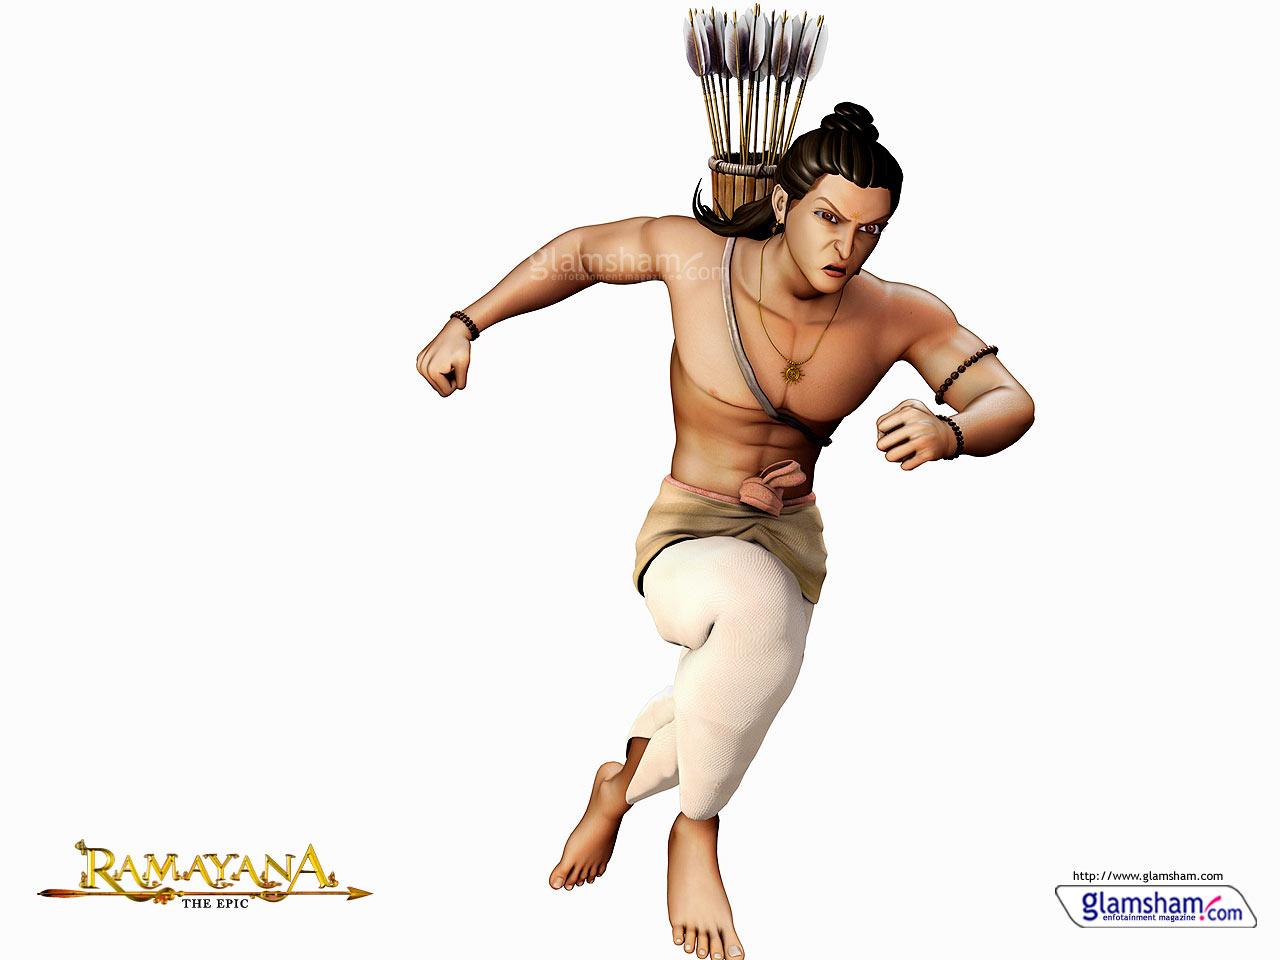 Amazon. Com: ramayana the epic (mythological, animated hindi film.